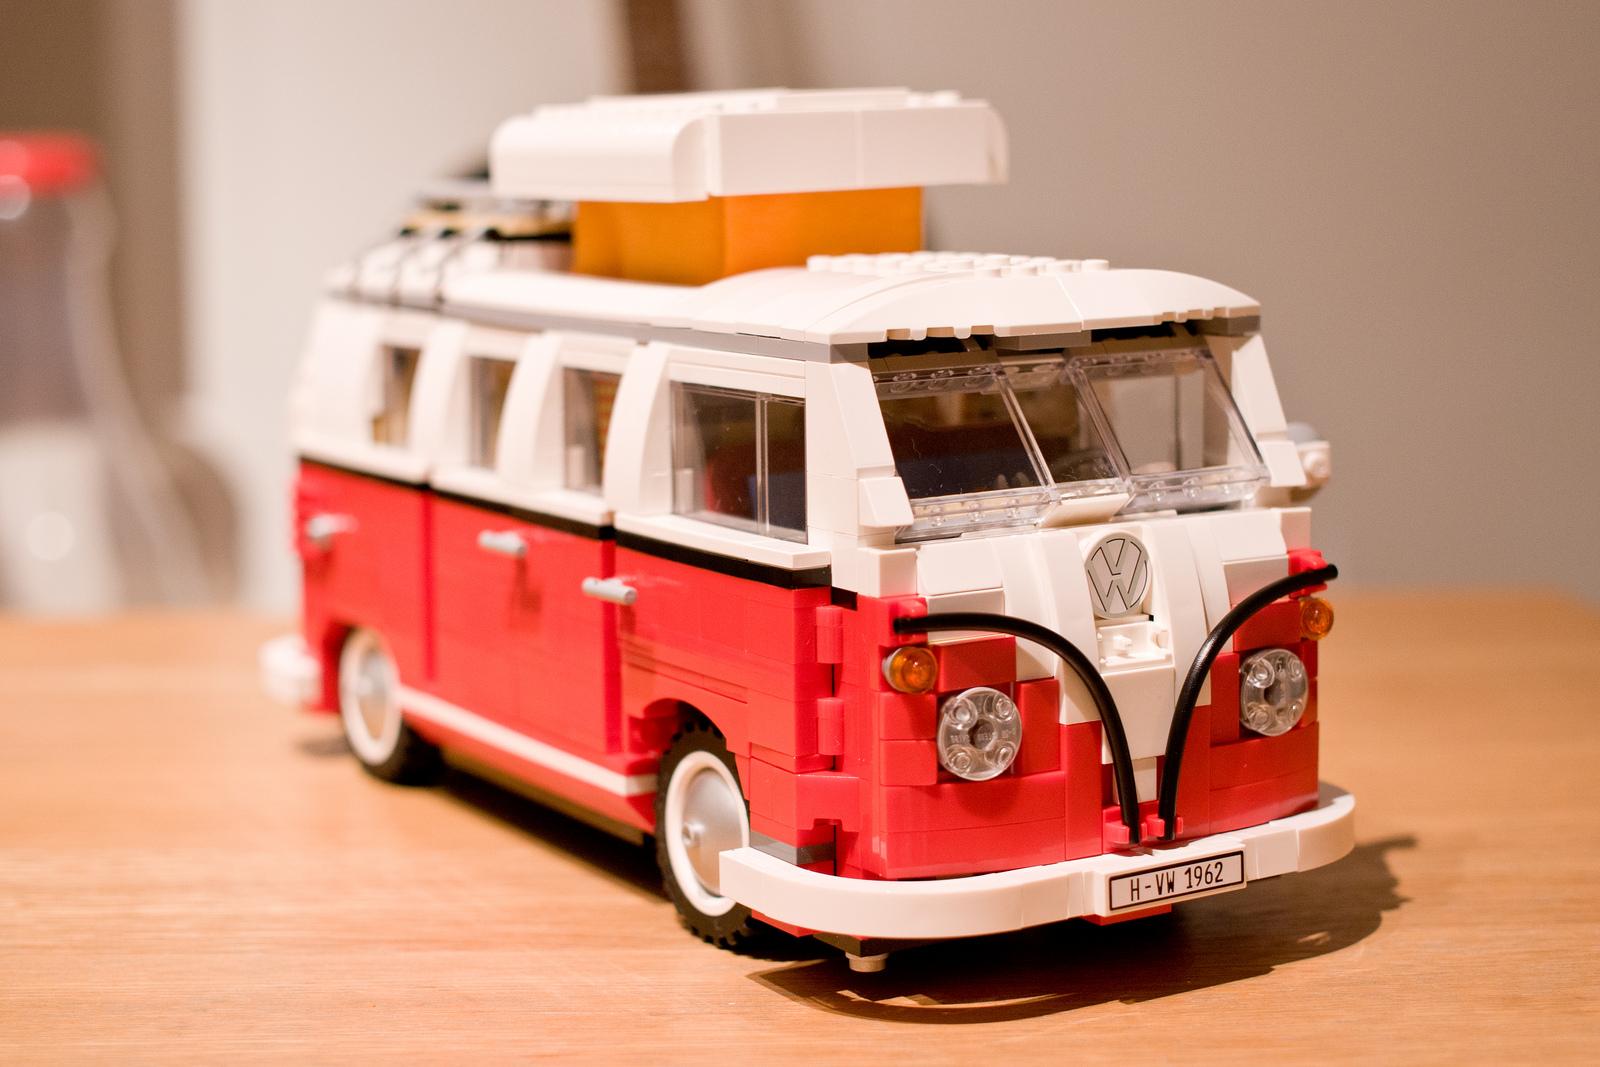 Volkswagen gadget